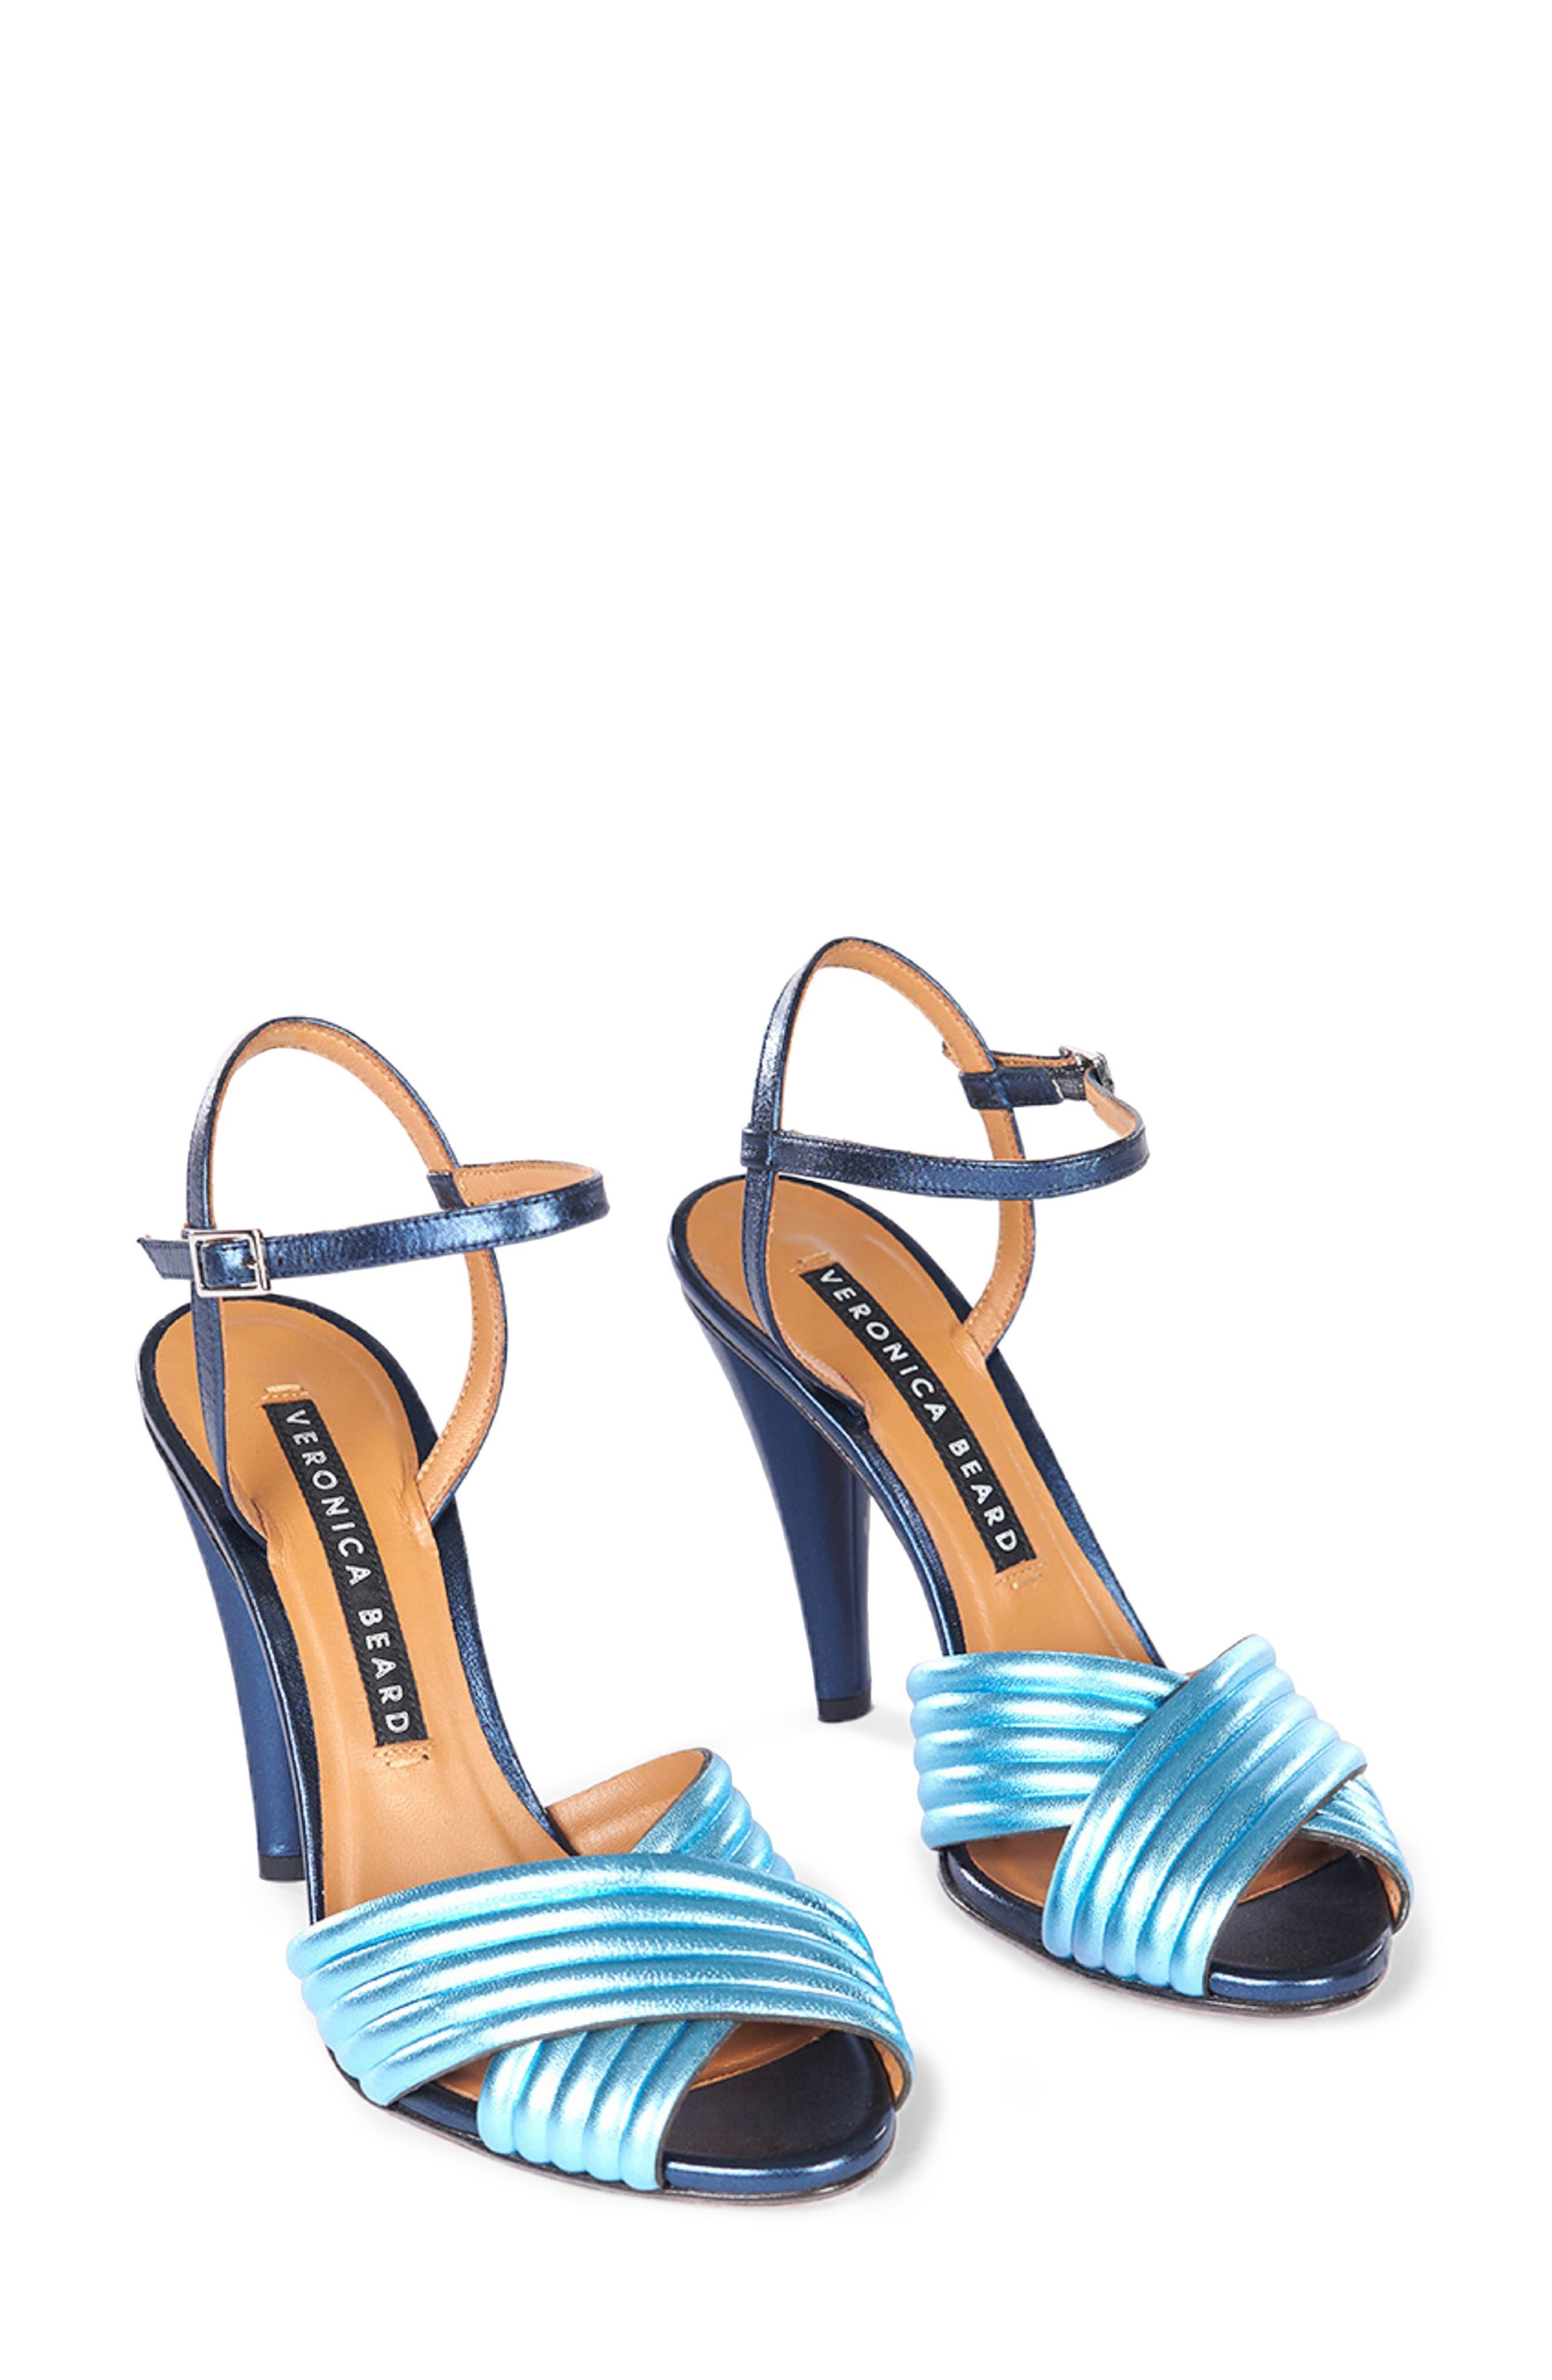 VERONICA BEARD Olympia Quarter Strap Sandal, Main, color, BLUE/ INDIGO